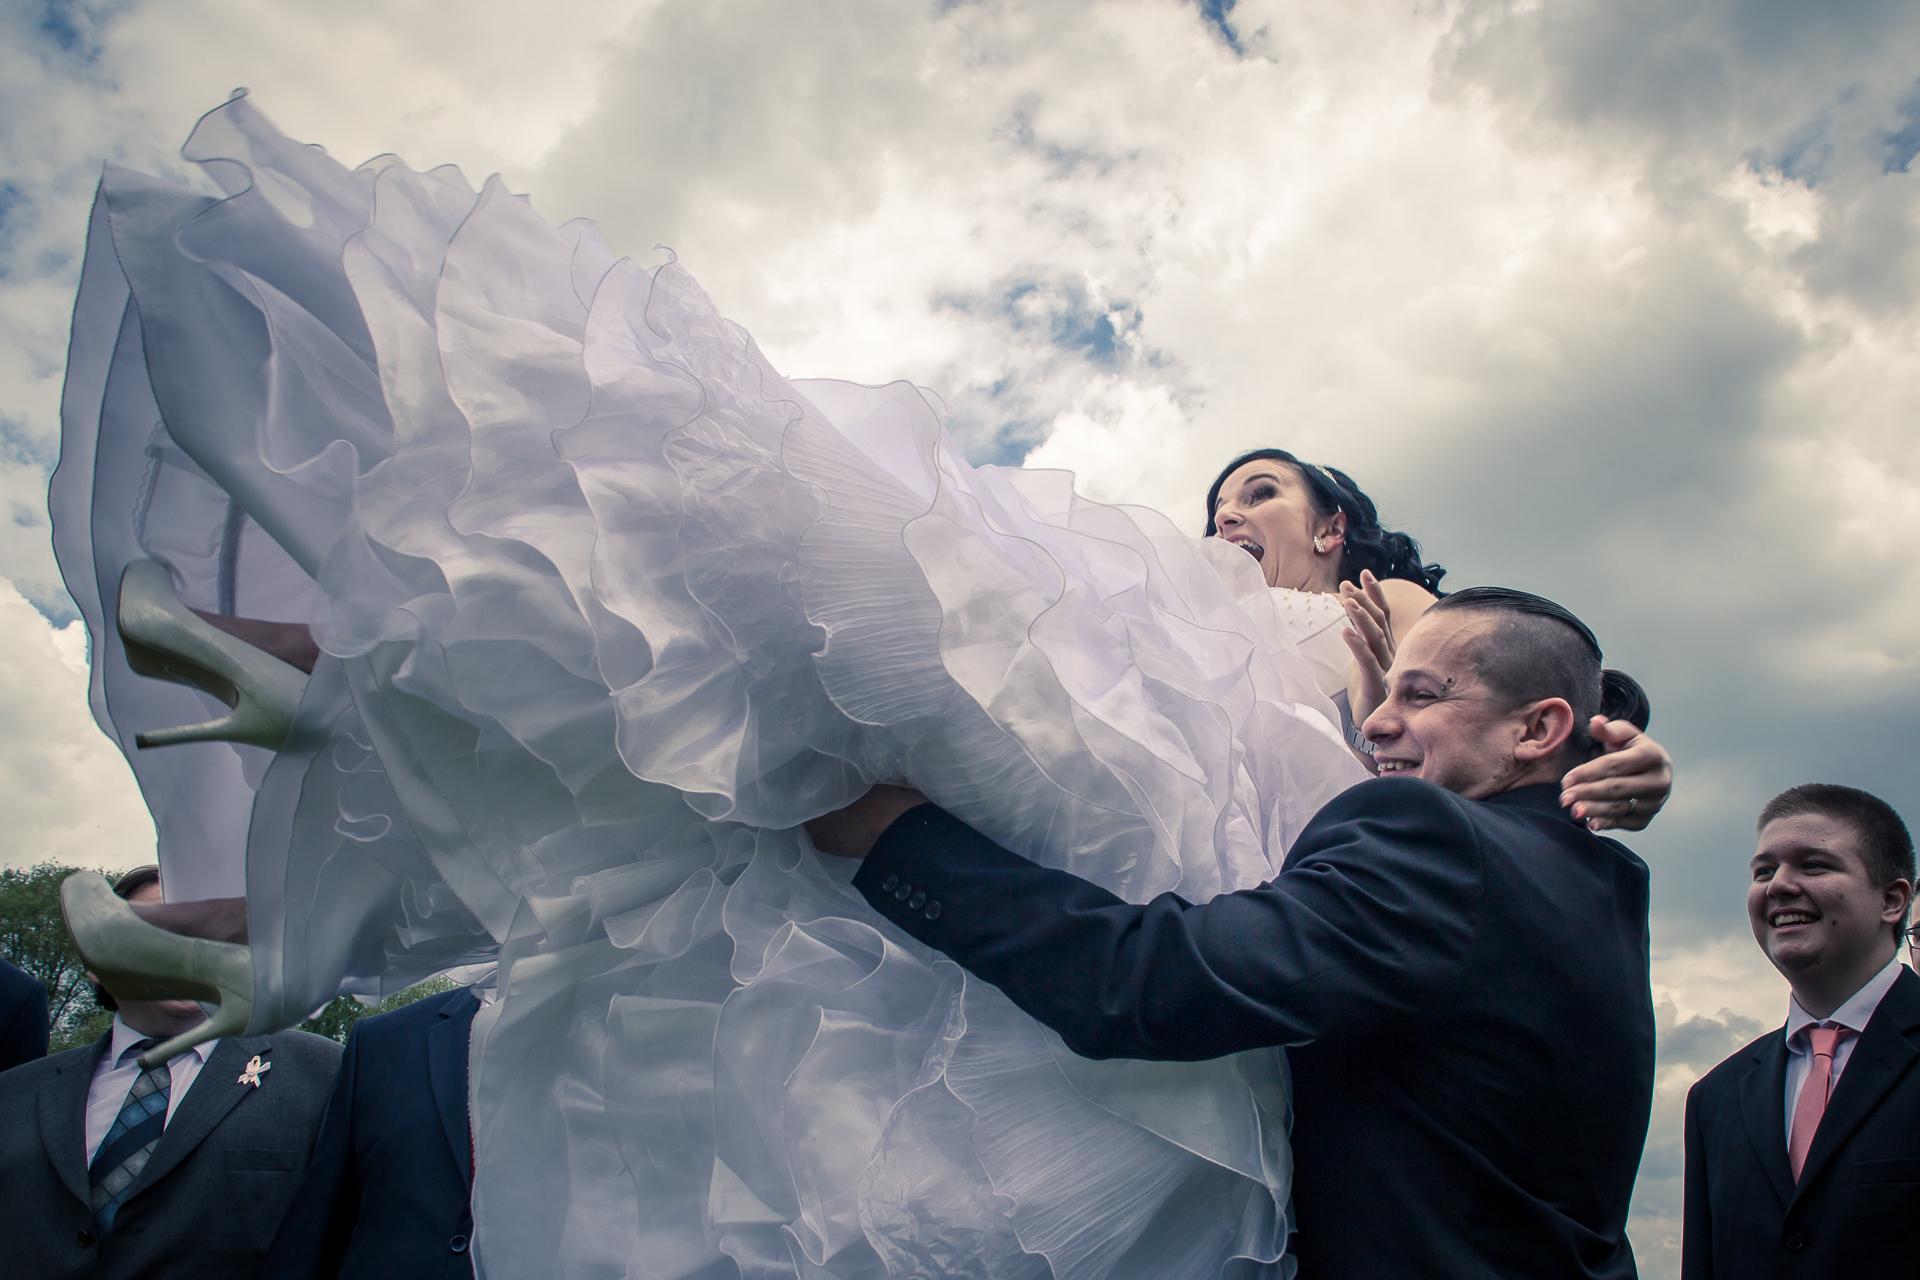 svatební fotografie vyhazování nevěsty